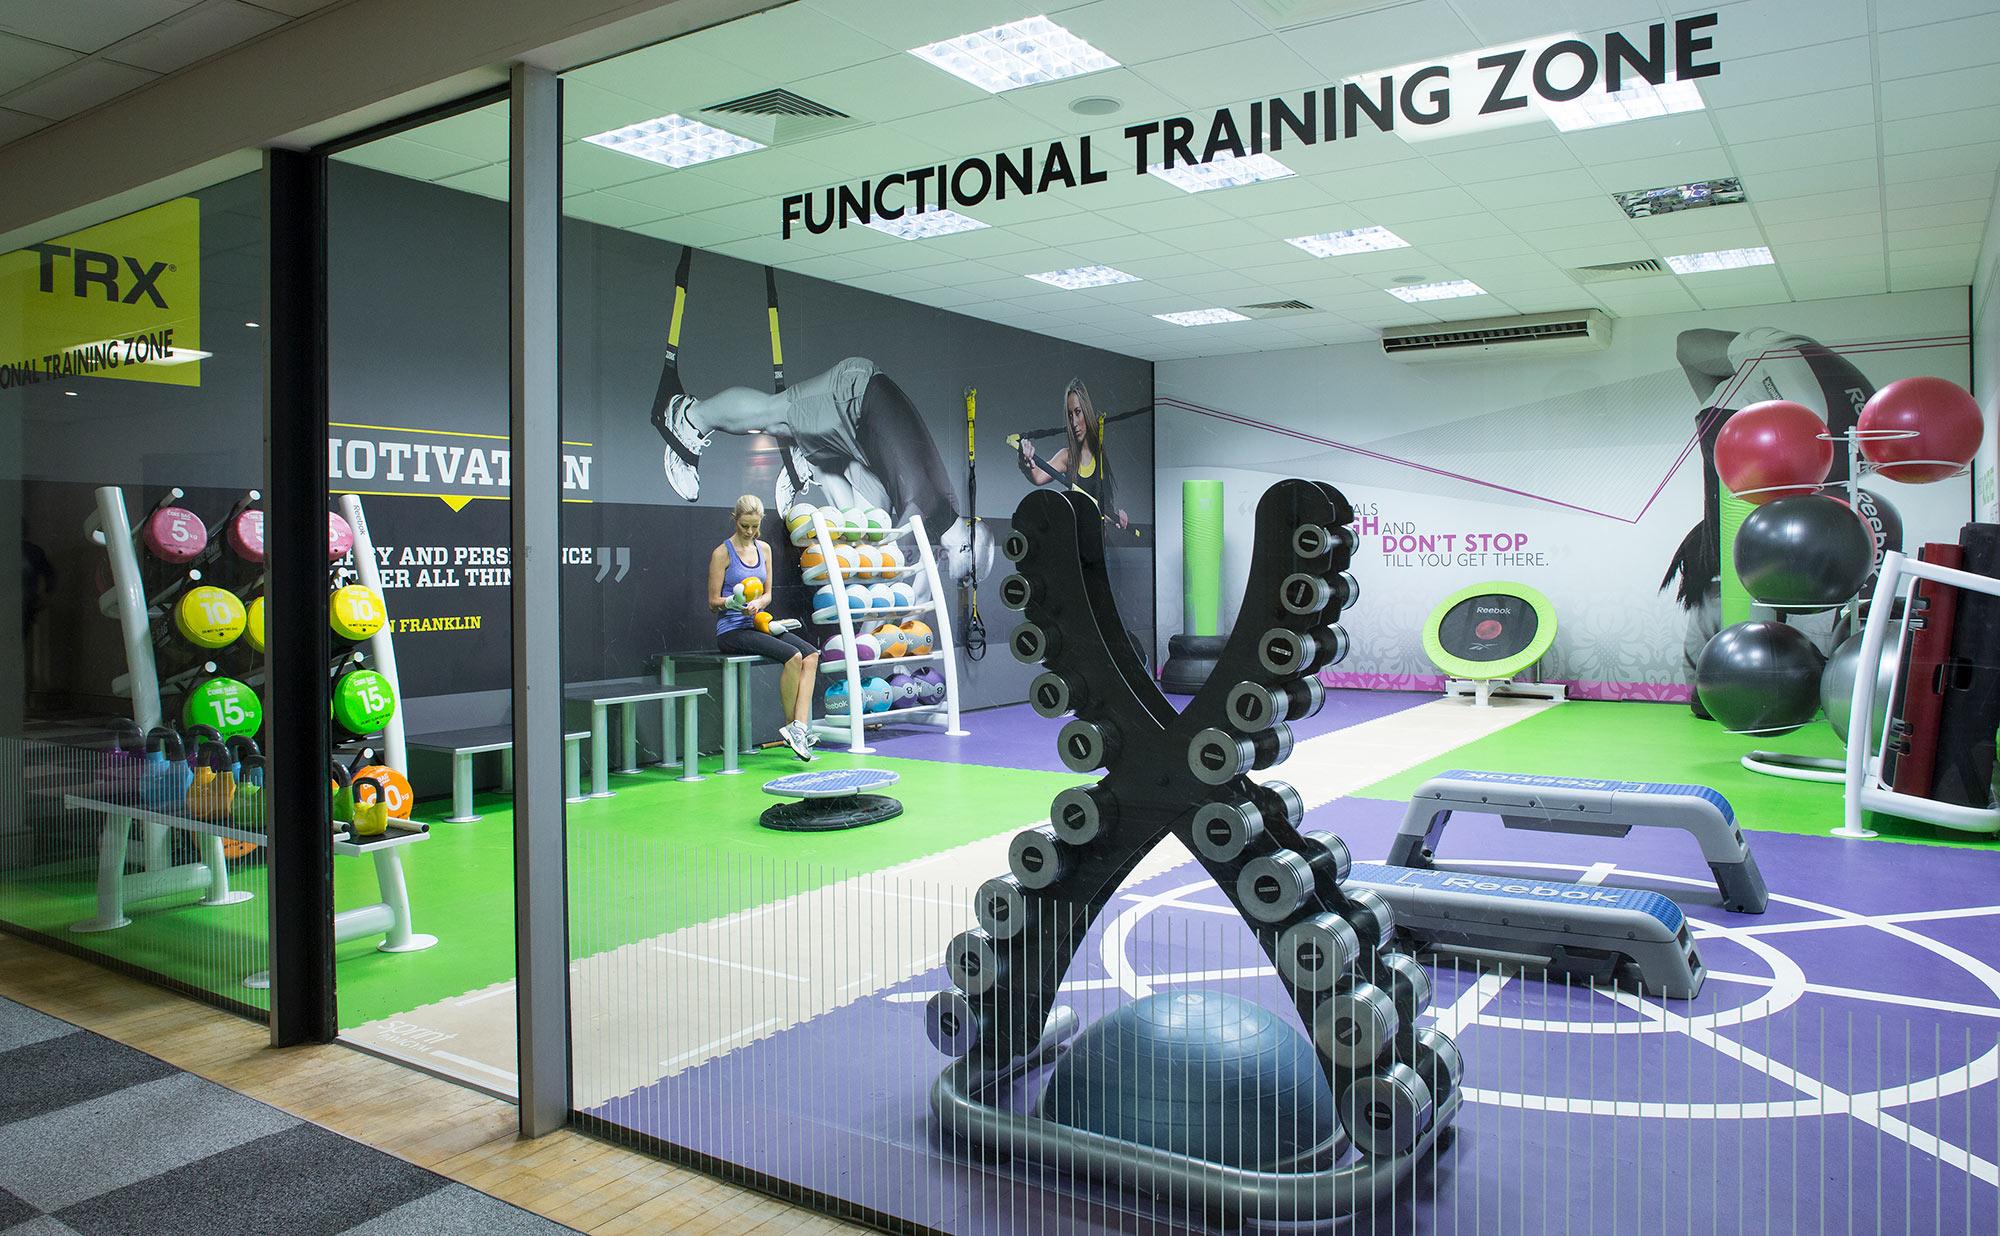 BHP_Function-Training-Zone.jpg